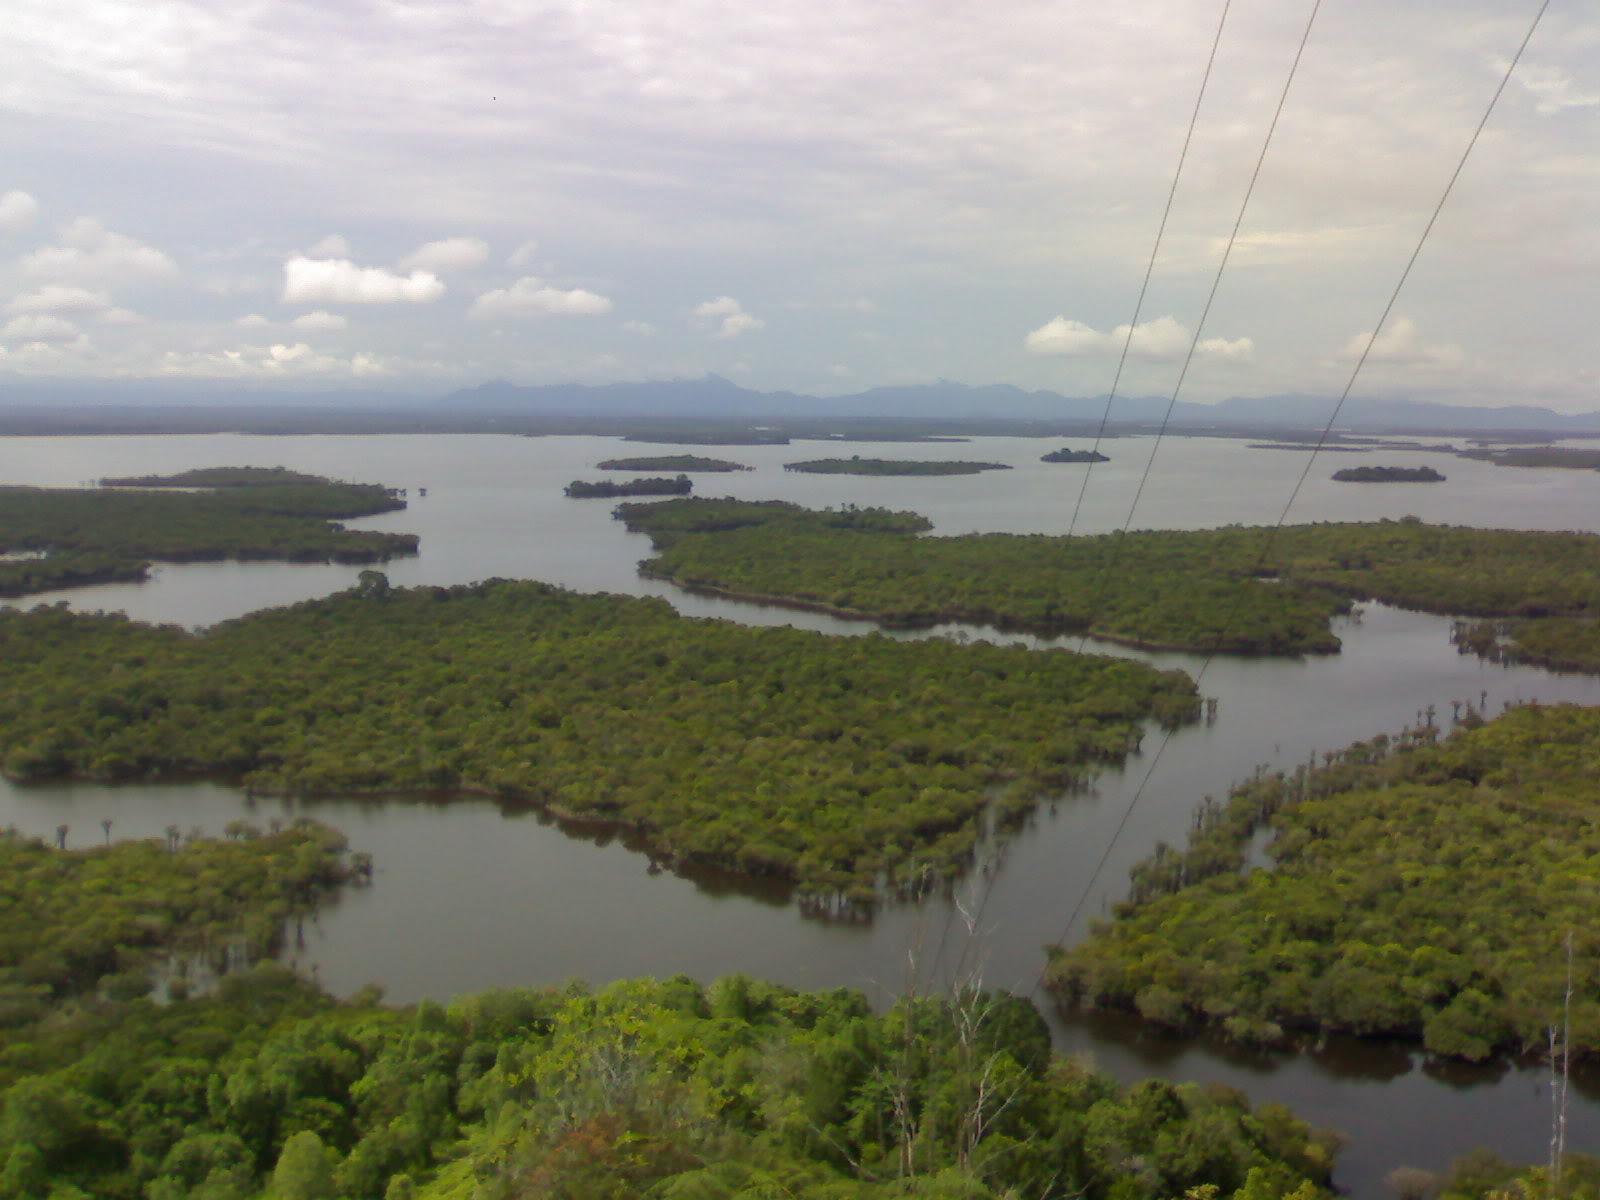 PARC NATIONAL DU LAC Sentarum (Kalimantan  île de Bornéo) 020720084759